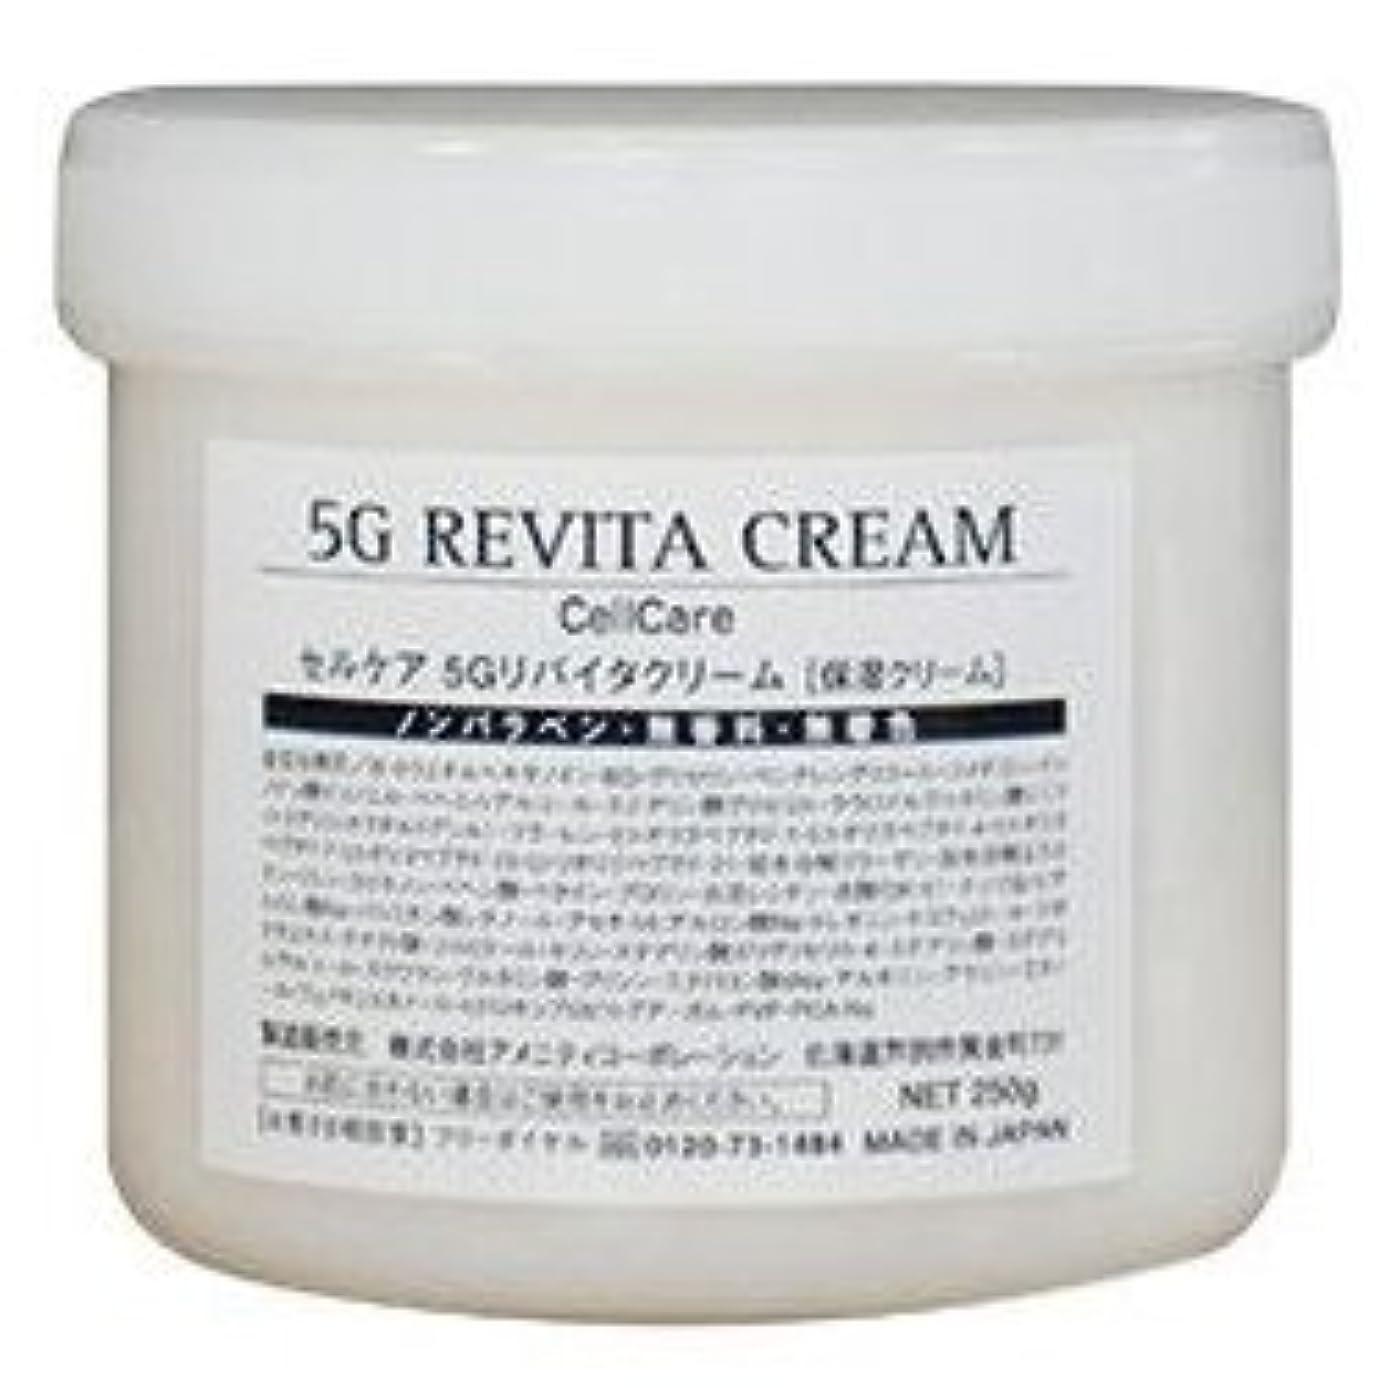 マネージャー定常ファンブルセルケアGF プレミアム 5Gリバイタルクリーム 保湿クリーム お徳用250g